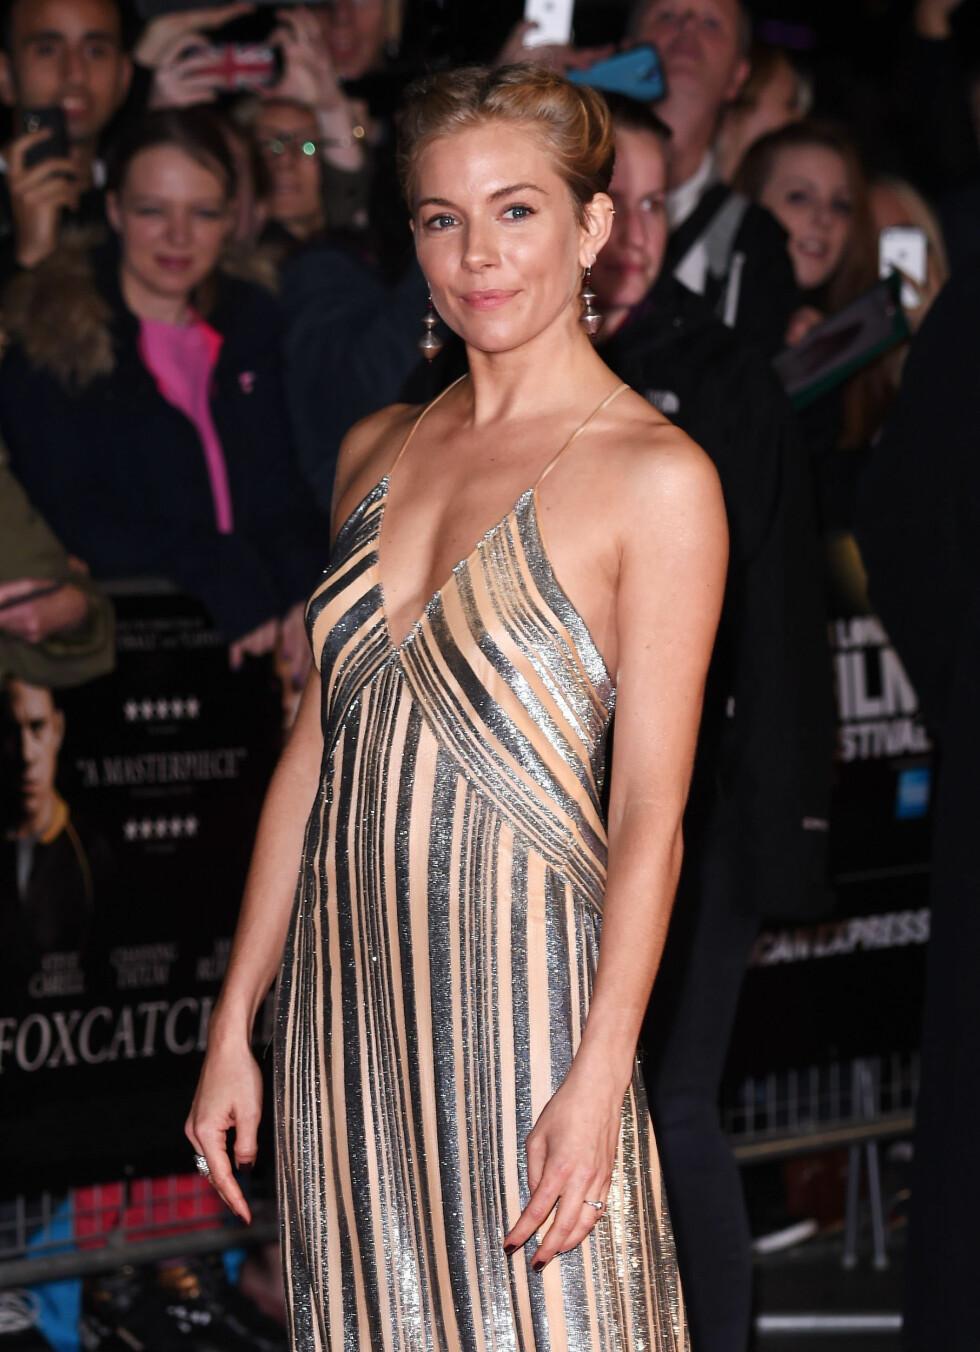 AKKURAT PASSE SEXY: Skuespiller Sienna Miller ser chic og leegant ut i denne glitrende kjolen med v-hals - den er akkurat så dyp at den ikke blir tacky. Foto: REX/David Fisher/All Over Press